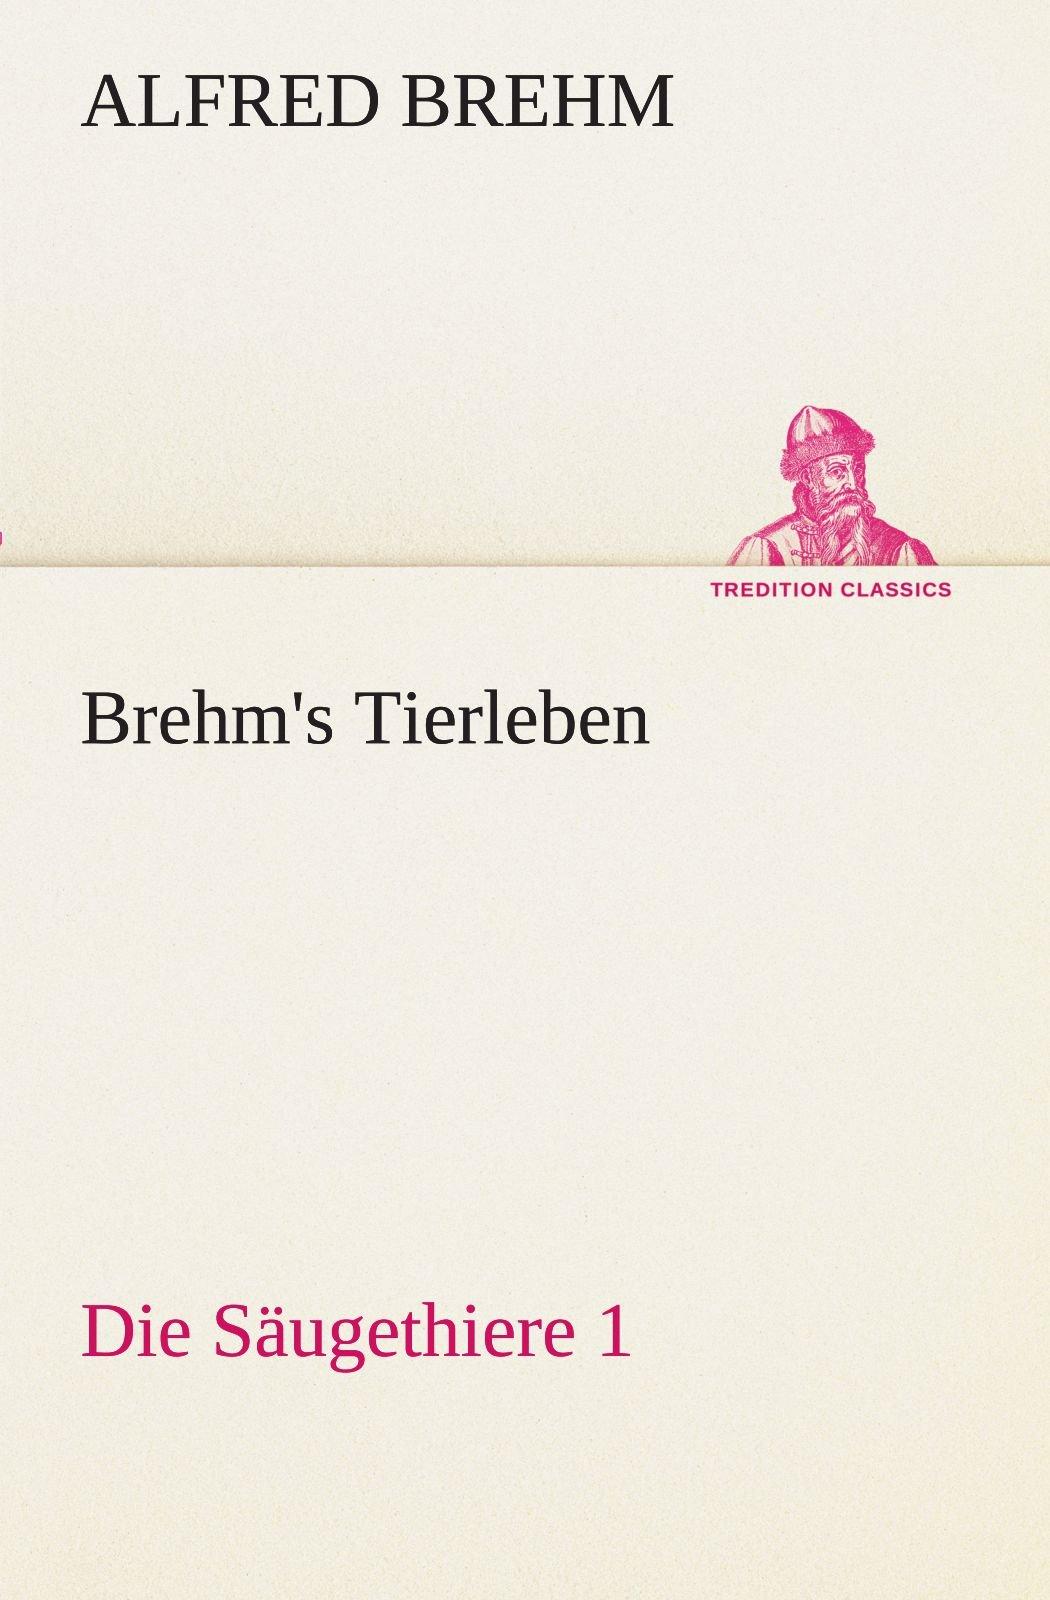 Read Online Brehm's Tierleben:Die Säugethiere 1 (TREDITION CLASSICS) (German Edition) pdf